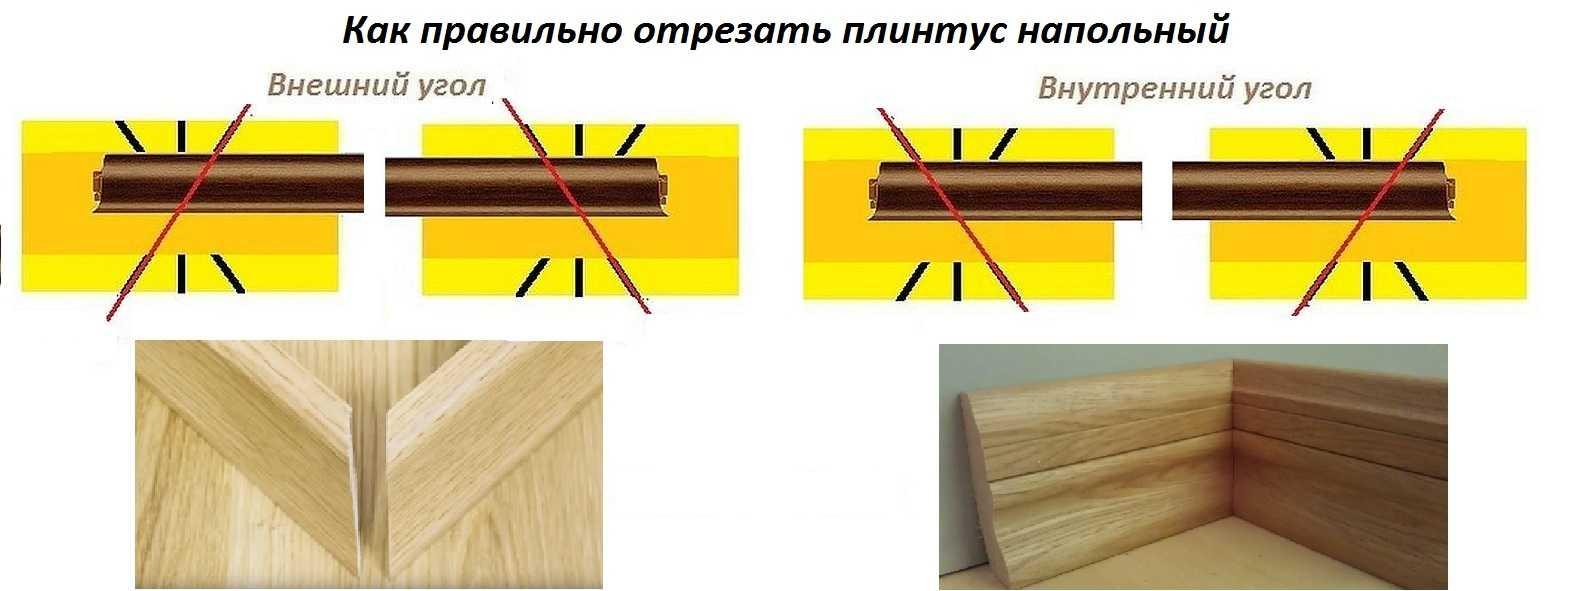 Как сделать угол потолочного плинтуса: пошаговая инструкция с использованием стусла и без него